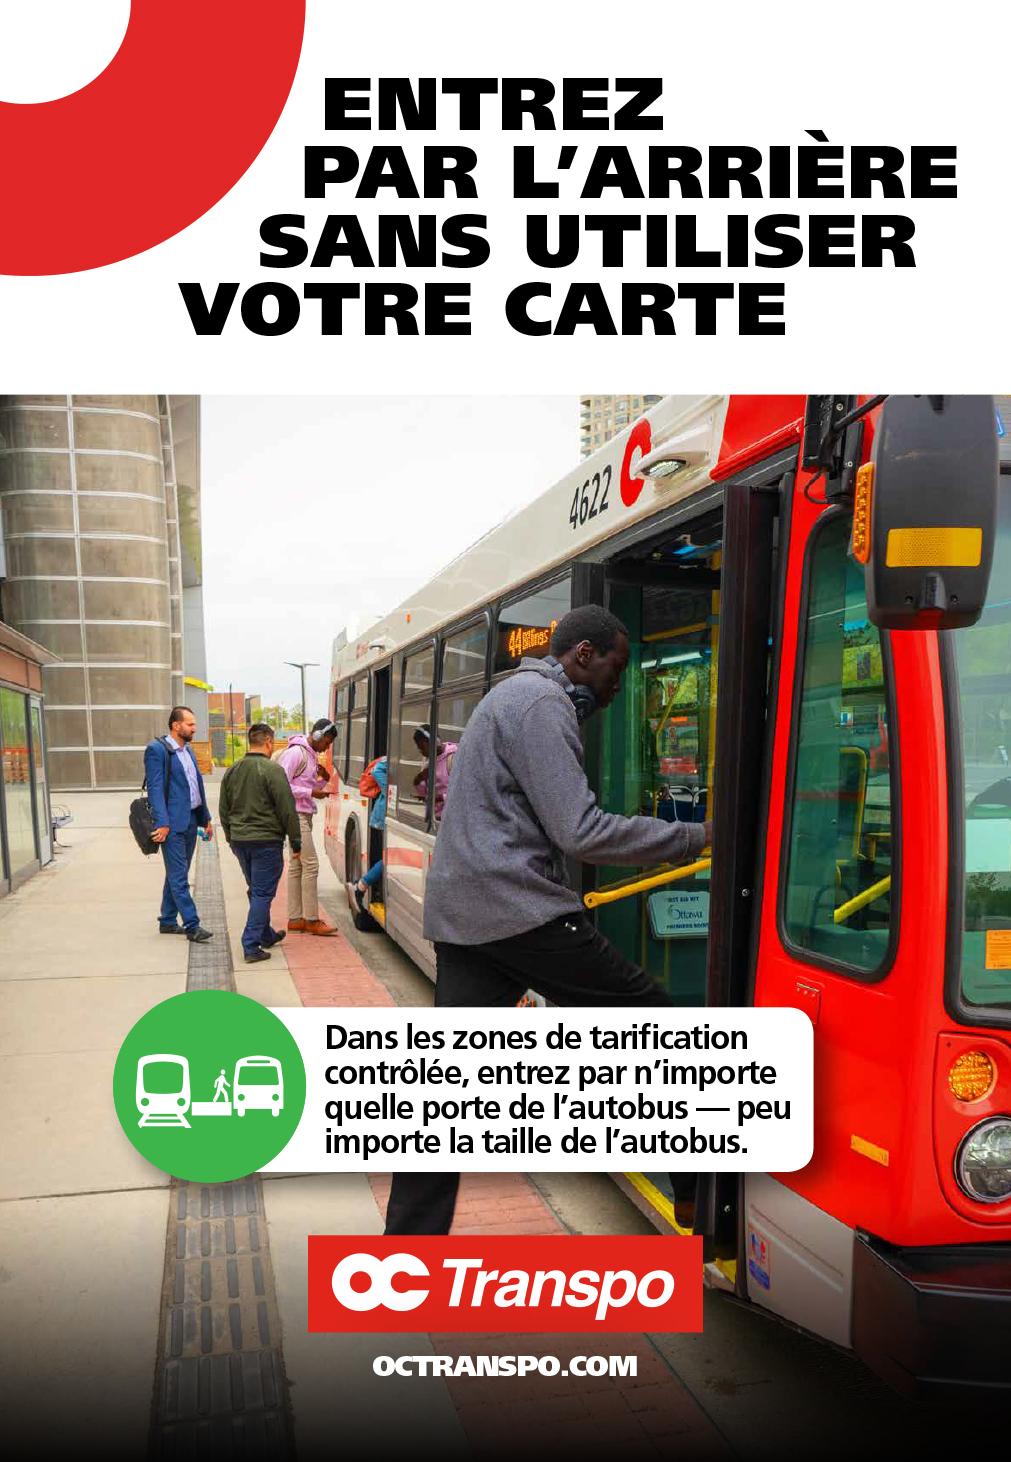 Des clients montent à bord d'un autobus de 40-pieds (plus court) en passant par les portes avant et arrière. Texte sur l'image : Entrez par l'arrière sans utiliser votre carte. Dans les zones de tarification contrôlée, entrez par n'importe quelle porte de l'autobus – peu importe la taille de l'autobus